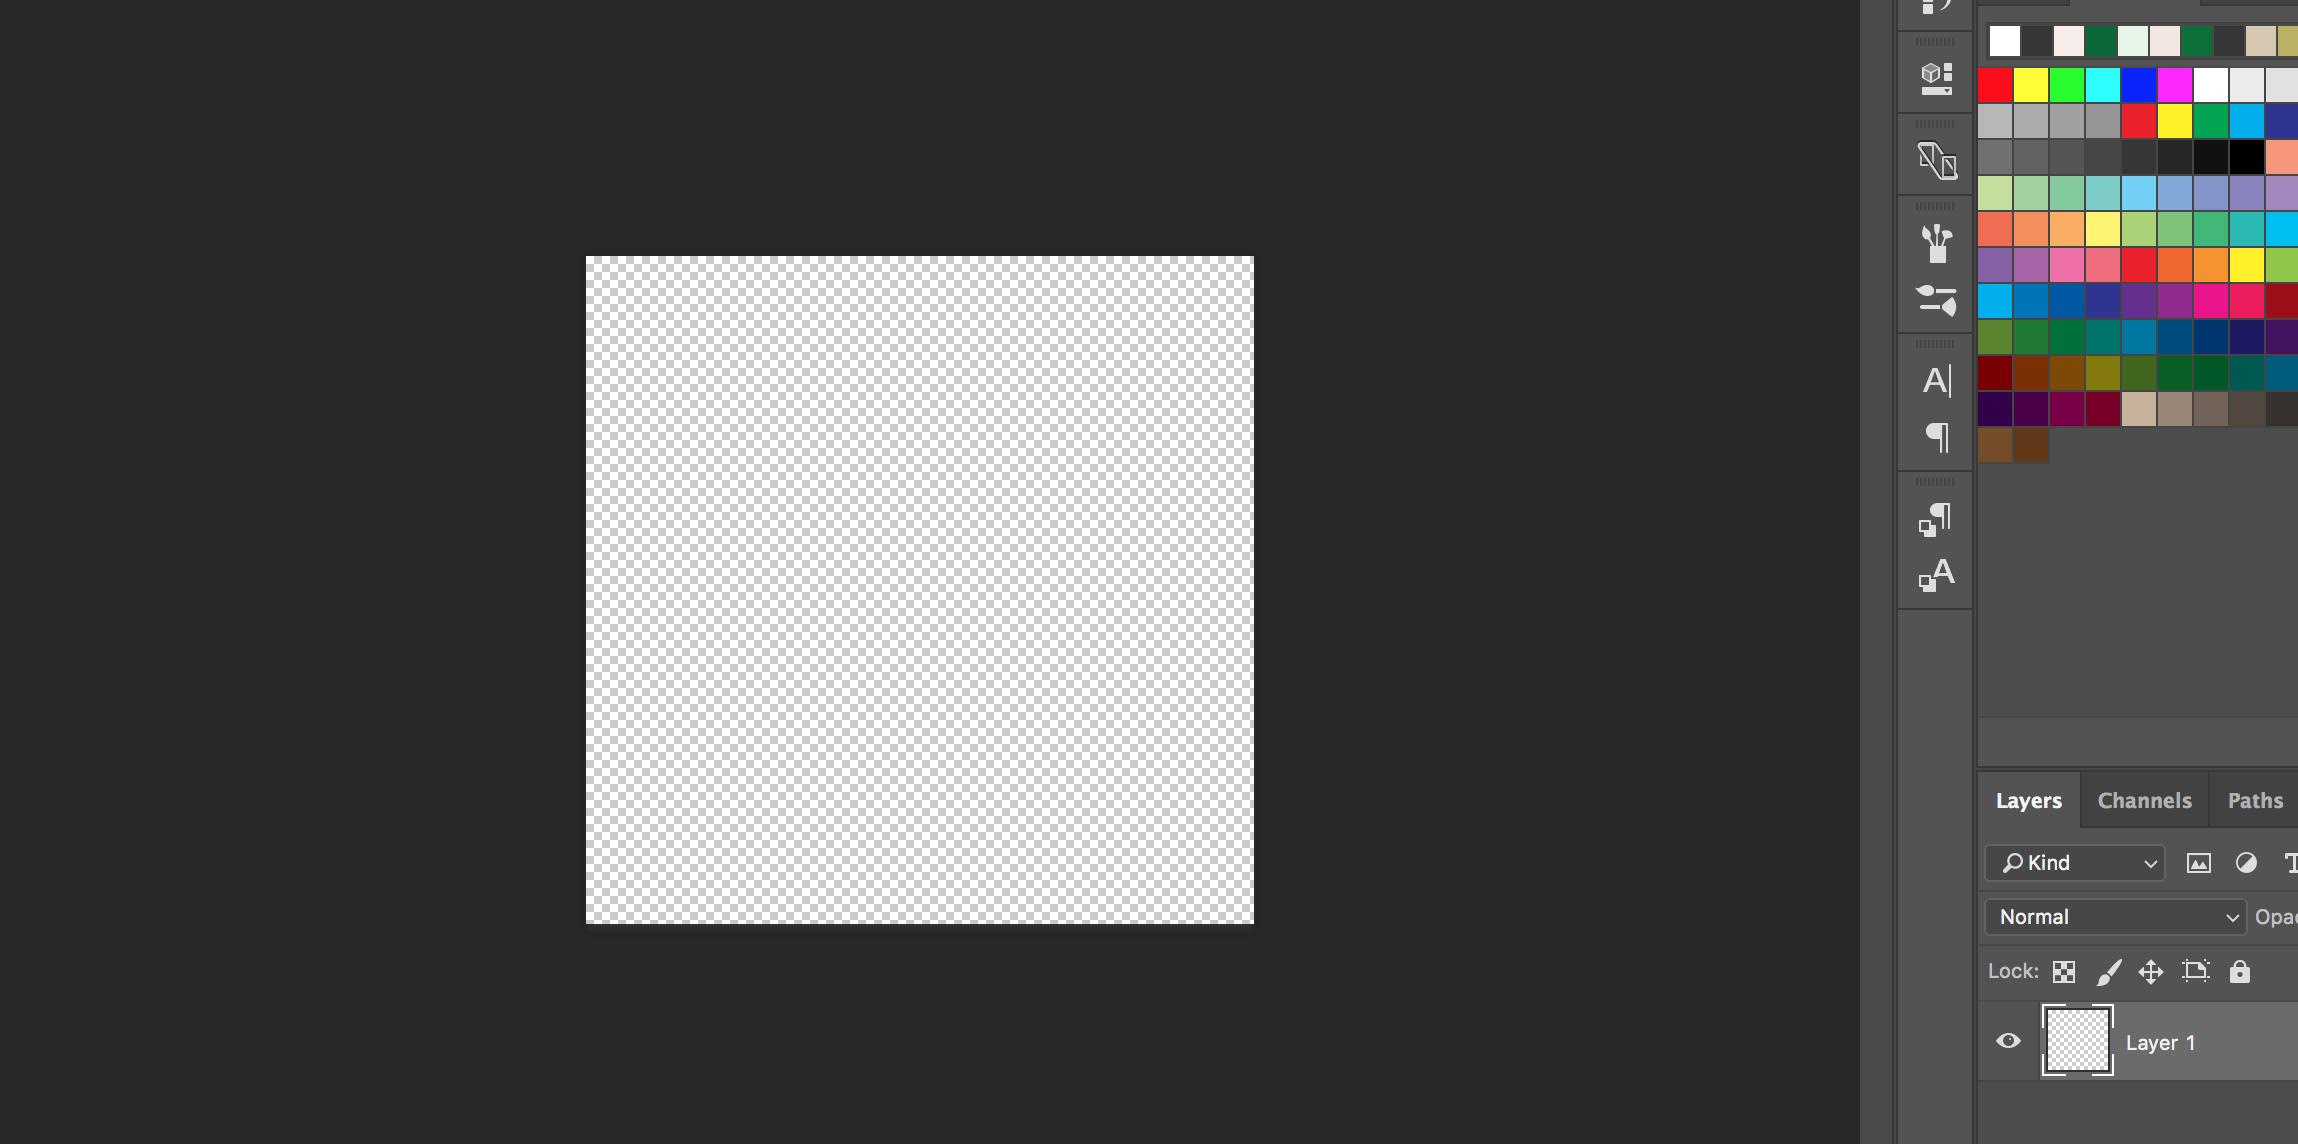 Screen Shot 2017-03-20 at 7.54.09 PM.png